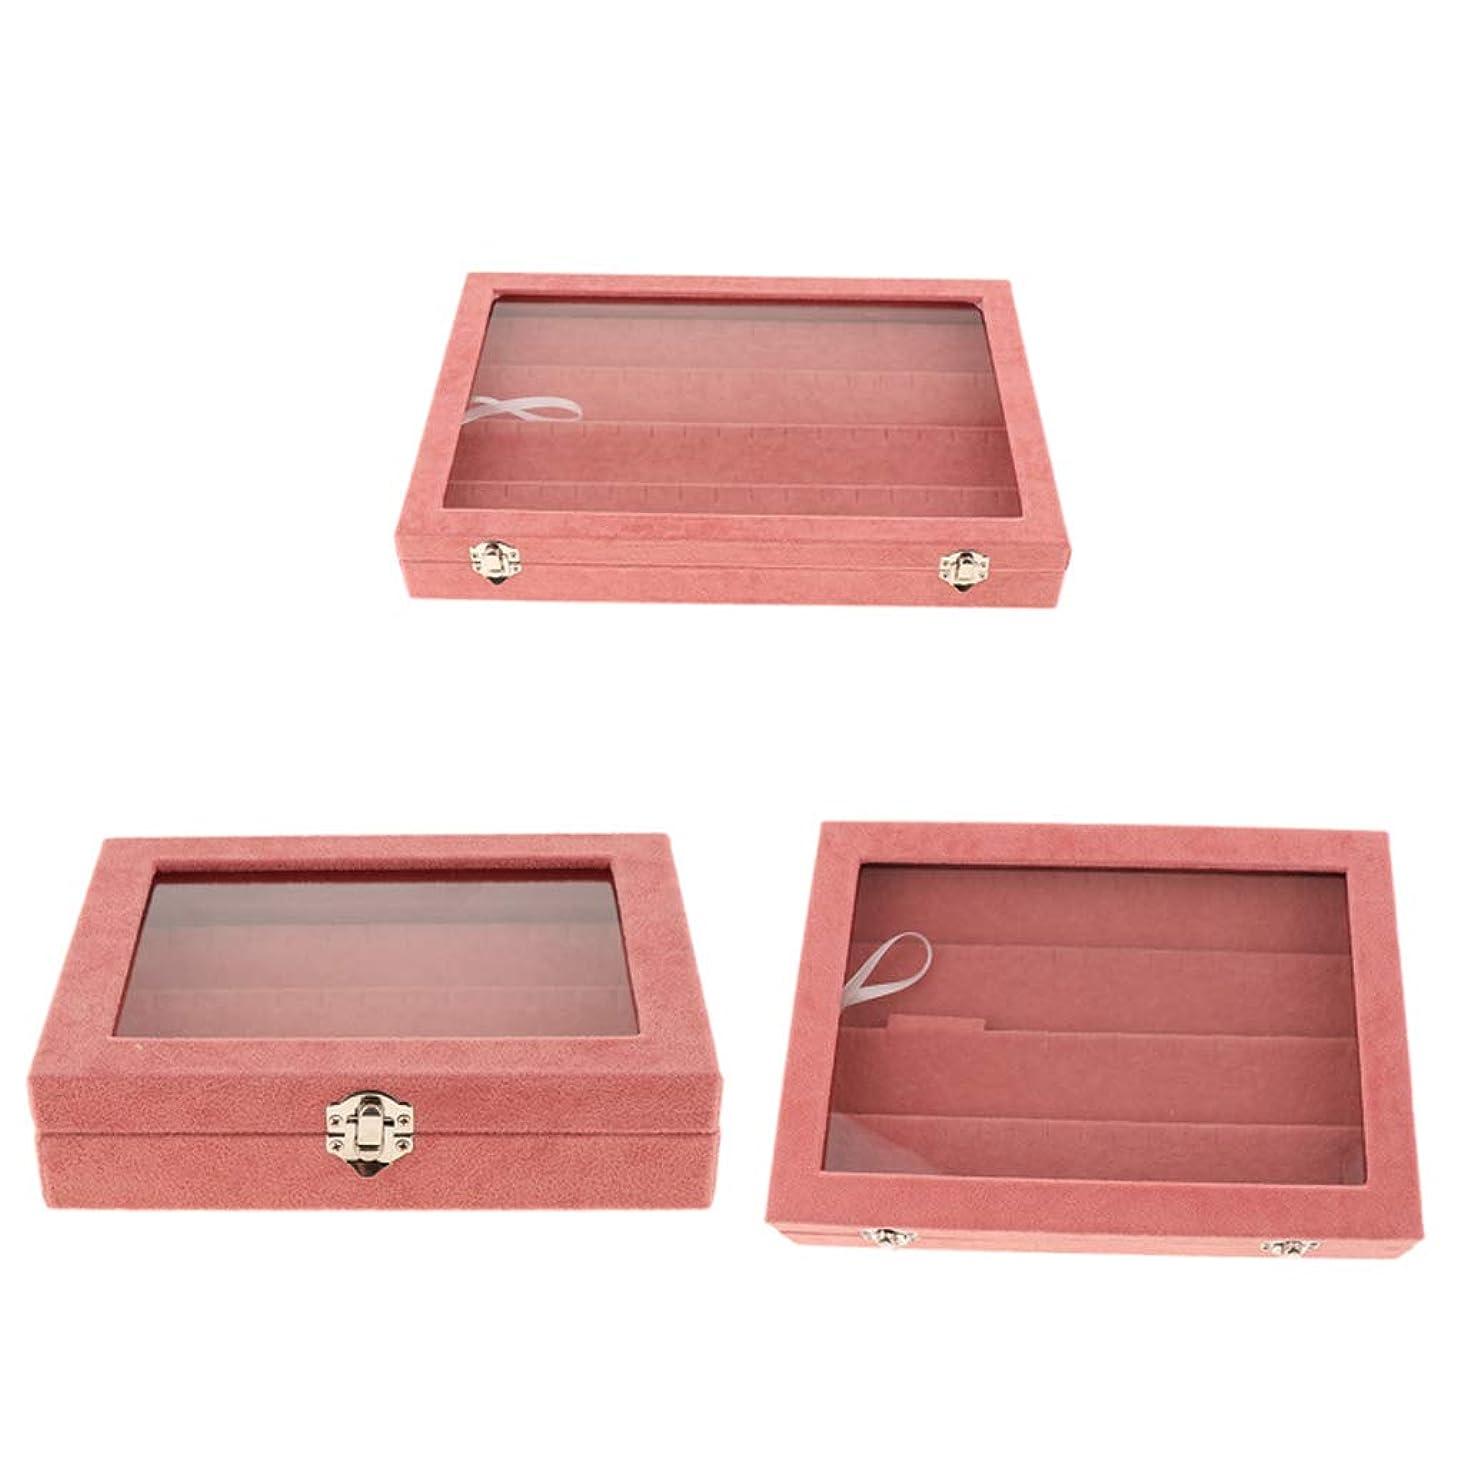 偏心メルボルンいじめっ子gazechimp ジュエリー収納ボックス ケース ボックス スタンド ディスプレイ 耐久性 ピンク 3個セット